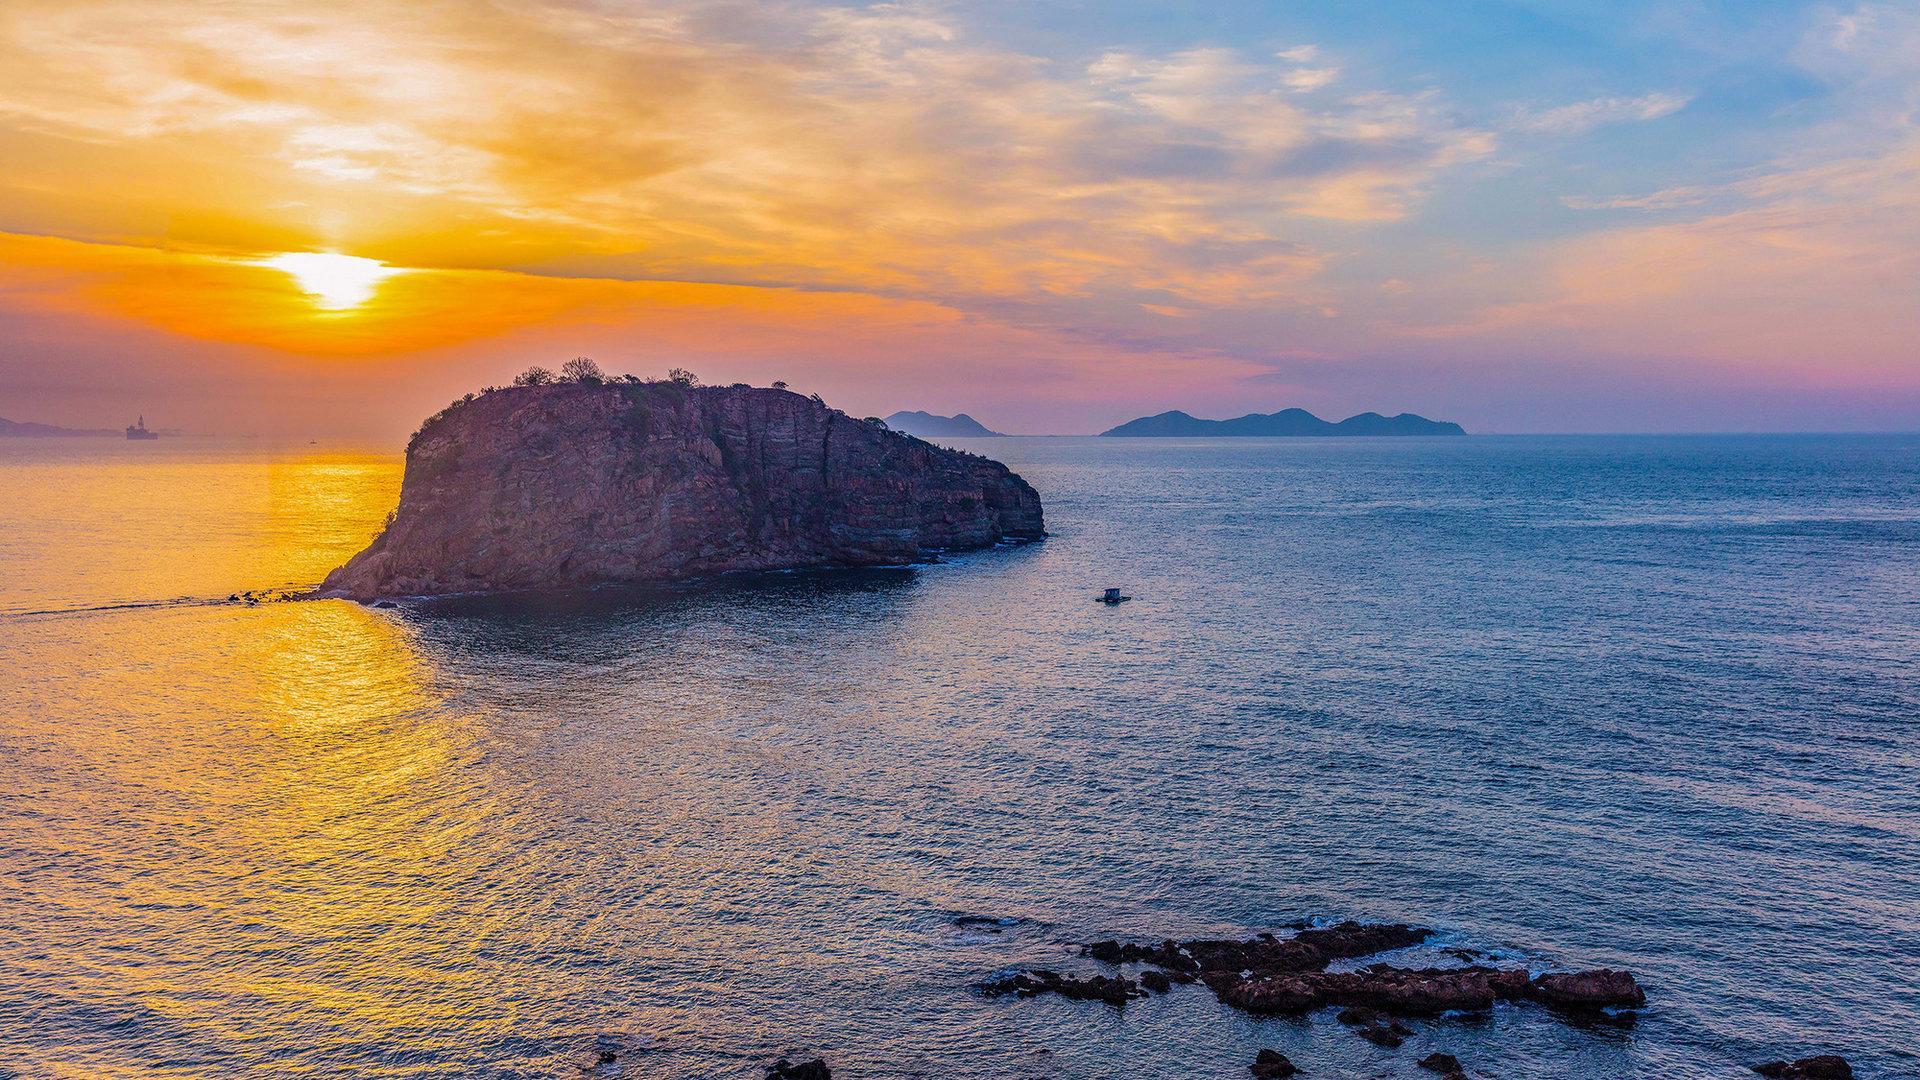 大连棒棰岛风景摄影高清桌面壁纸